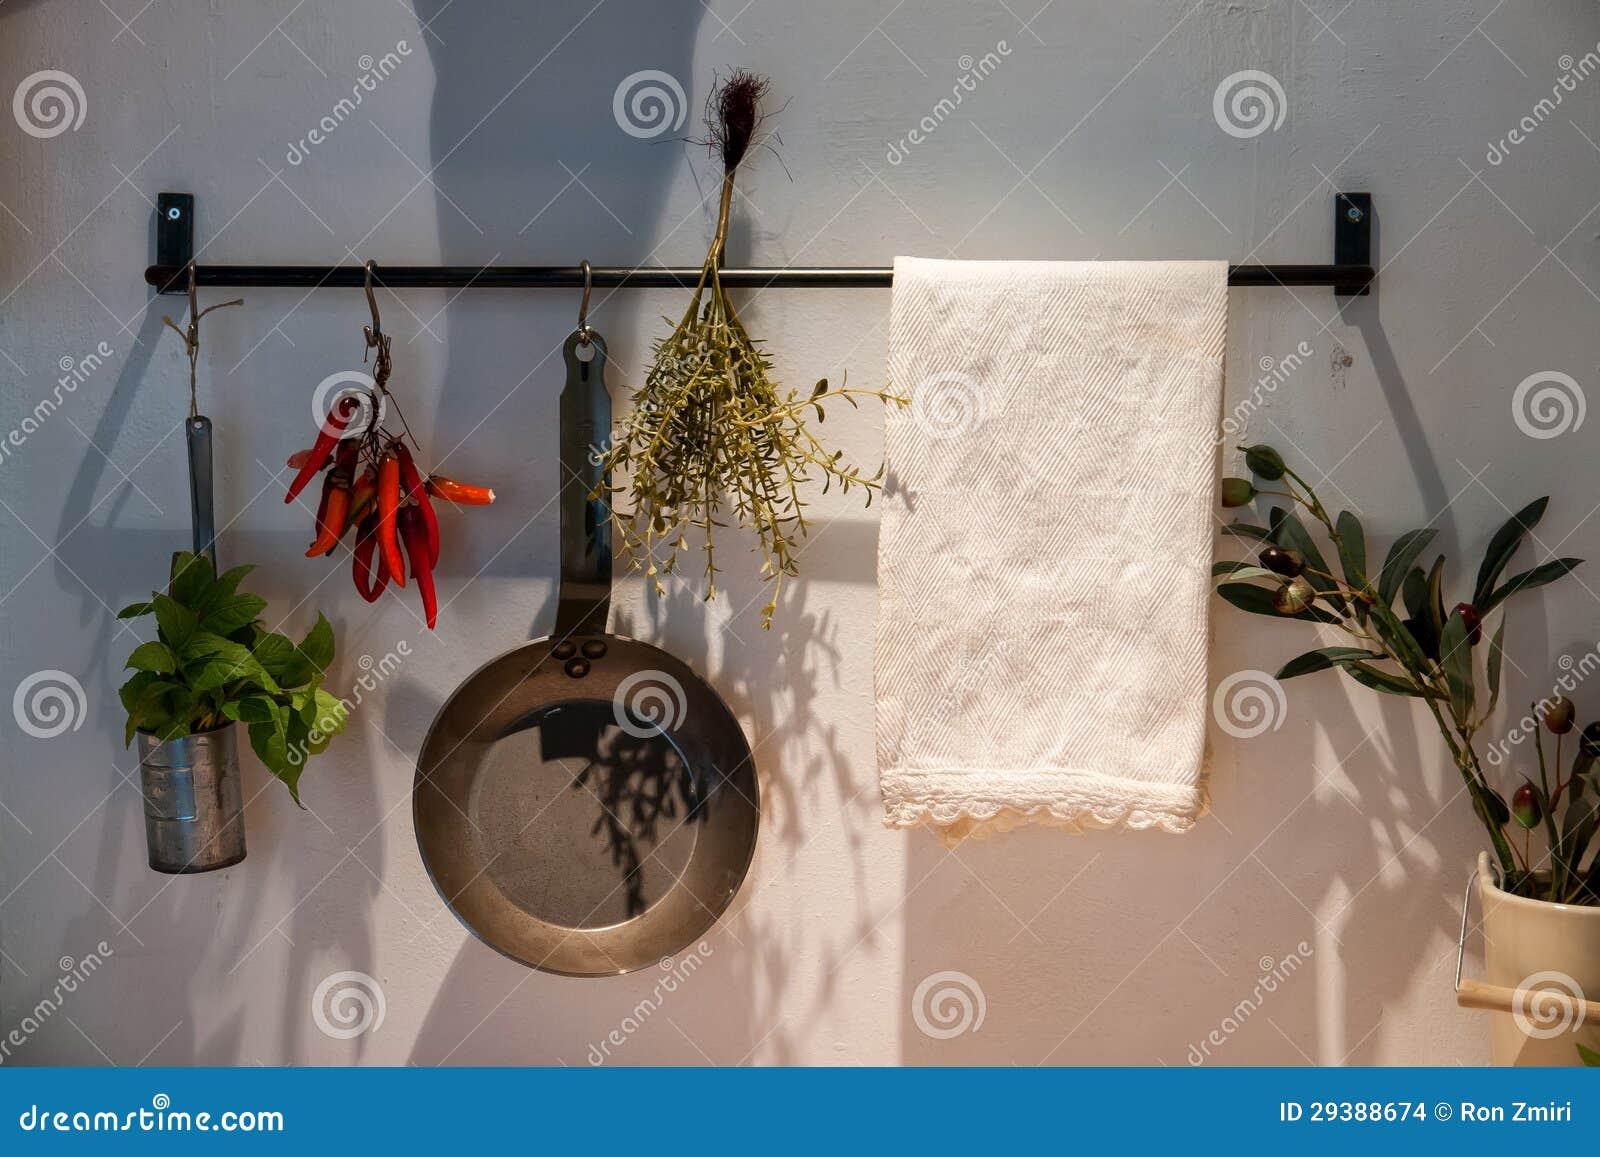 Küchendekoration küchendekoration mit hängenden potenziometern und wannen stockfoto